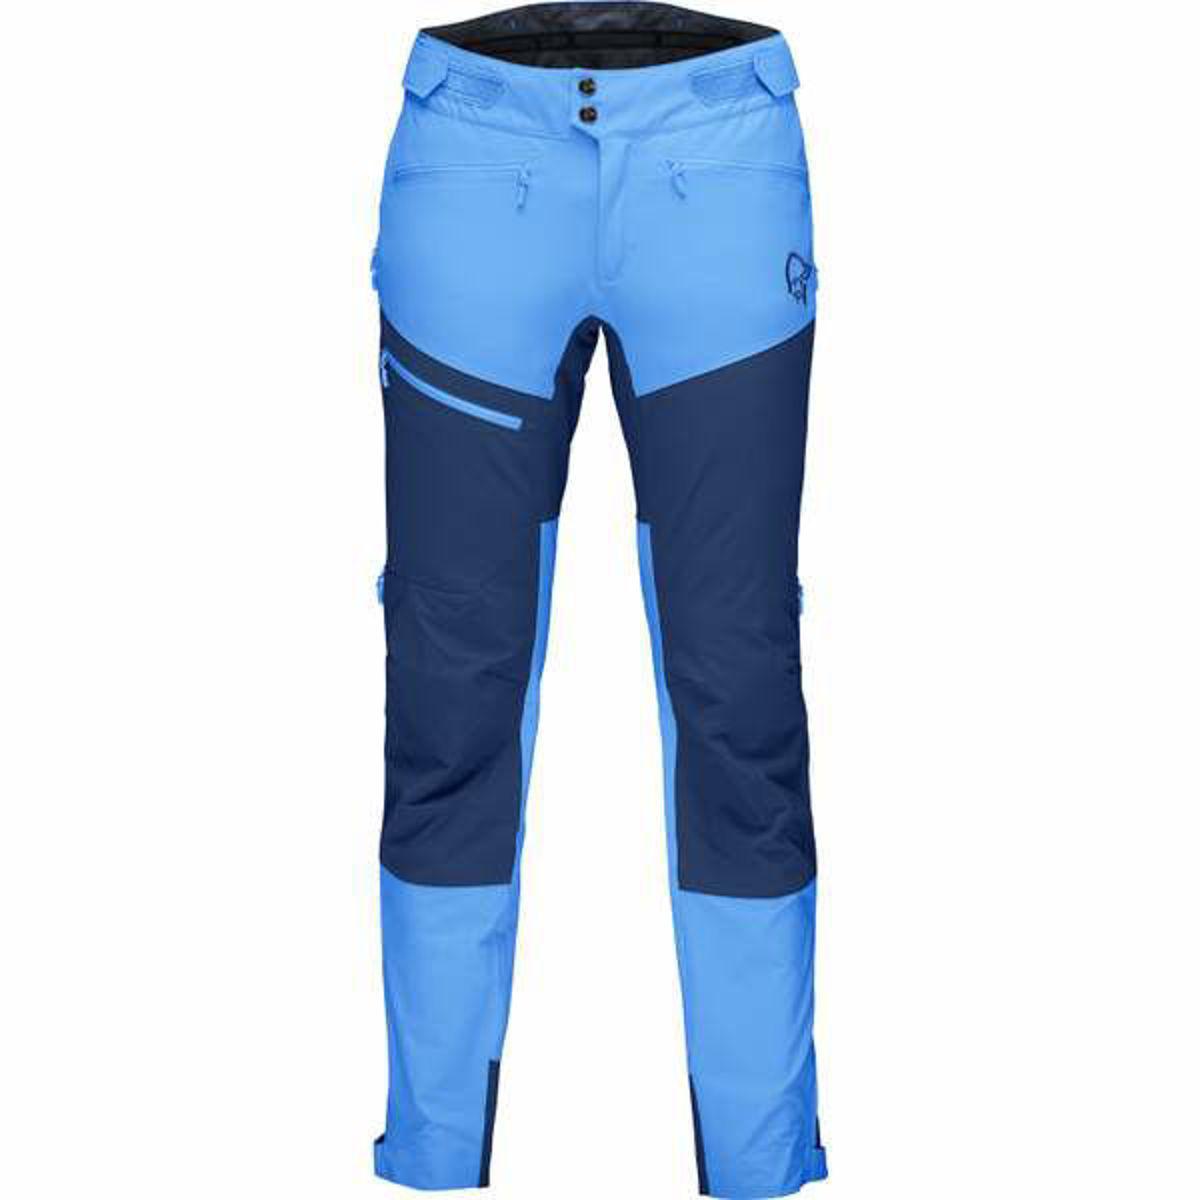 Bilde av fjørå flex1 Pants (W)